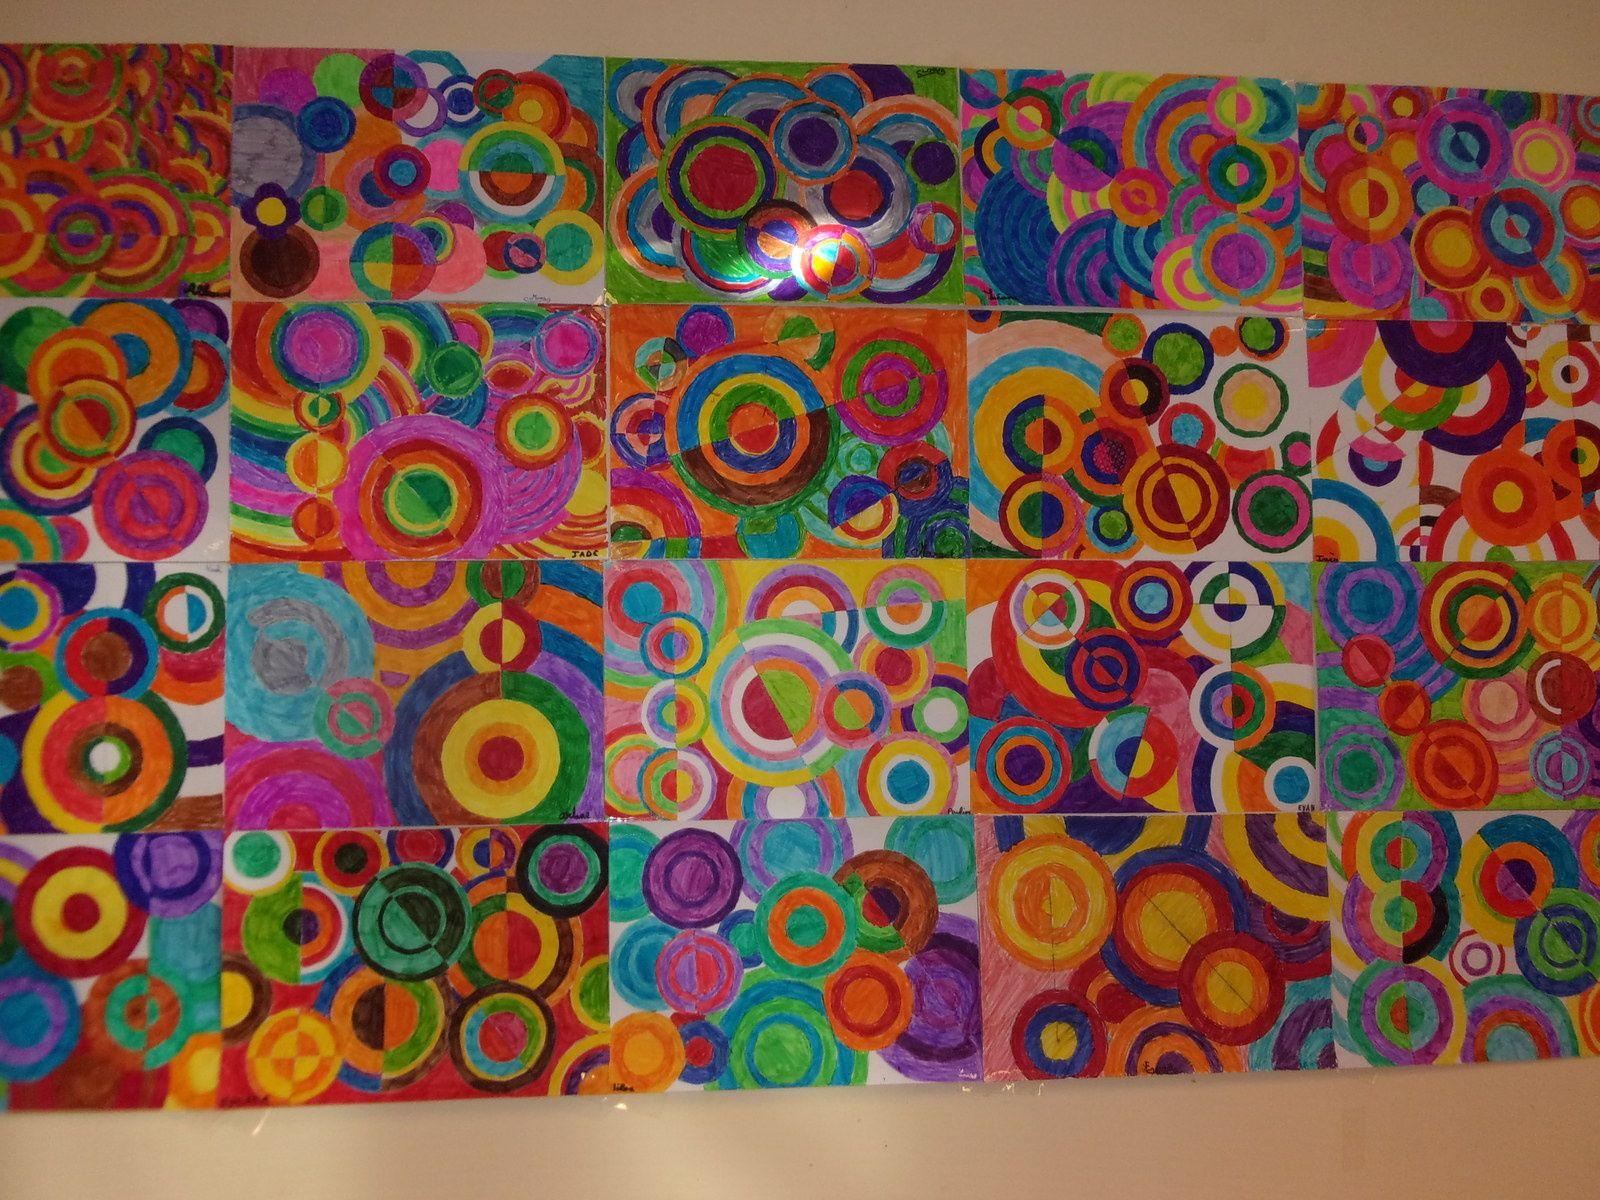 A La Maniere De Delauney Arts Visuels Et Geometrie Arts Visuels Cm2 Activite Manuelle Peinture Arts Visuels Cycle 3